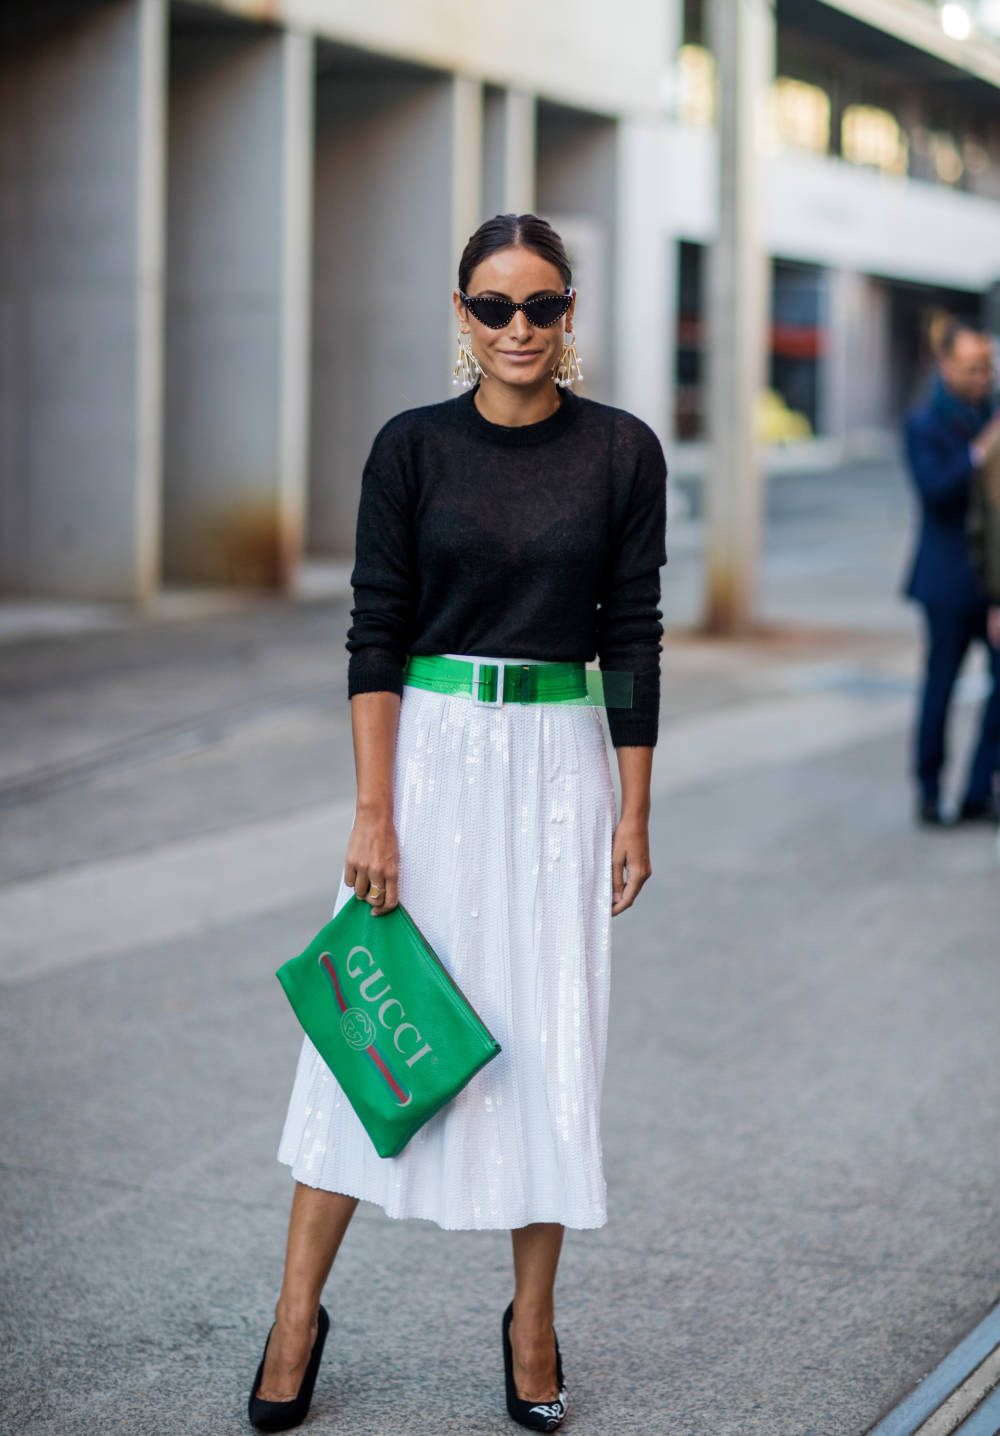 Frau trägt weißen Rock und schwarzen Pullover